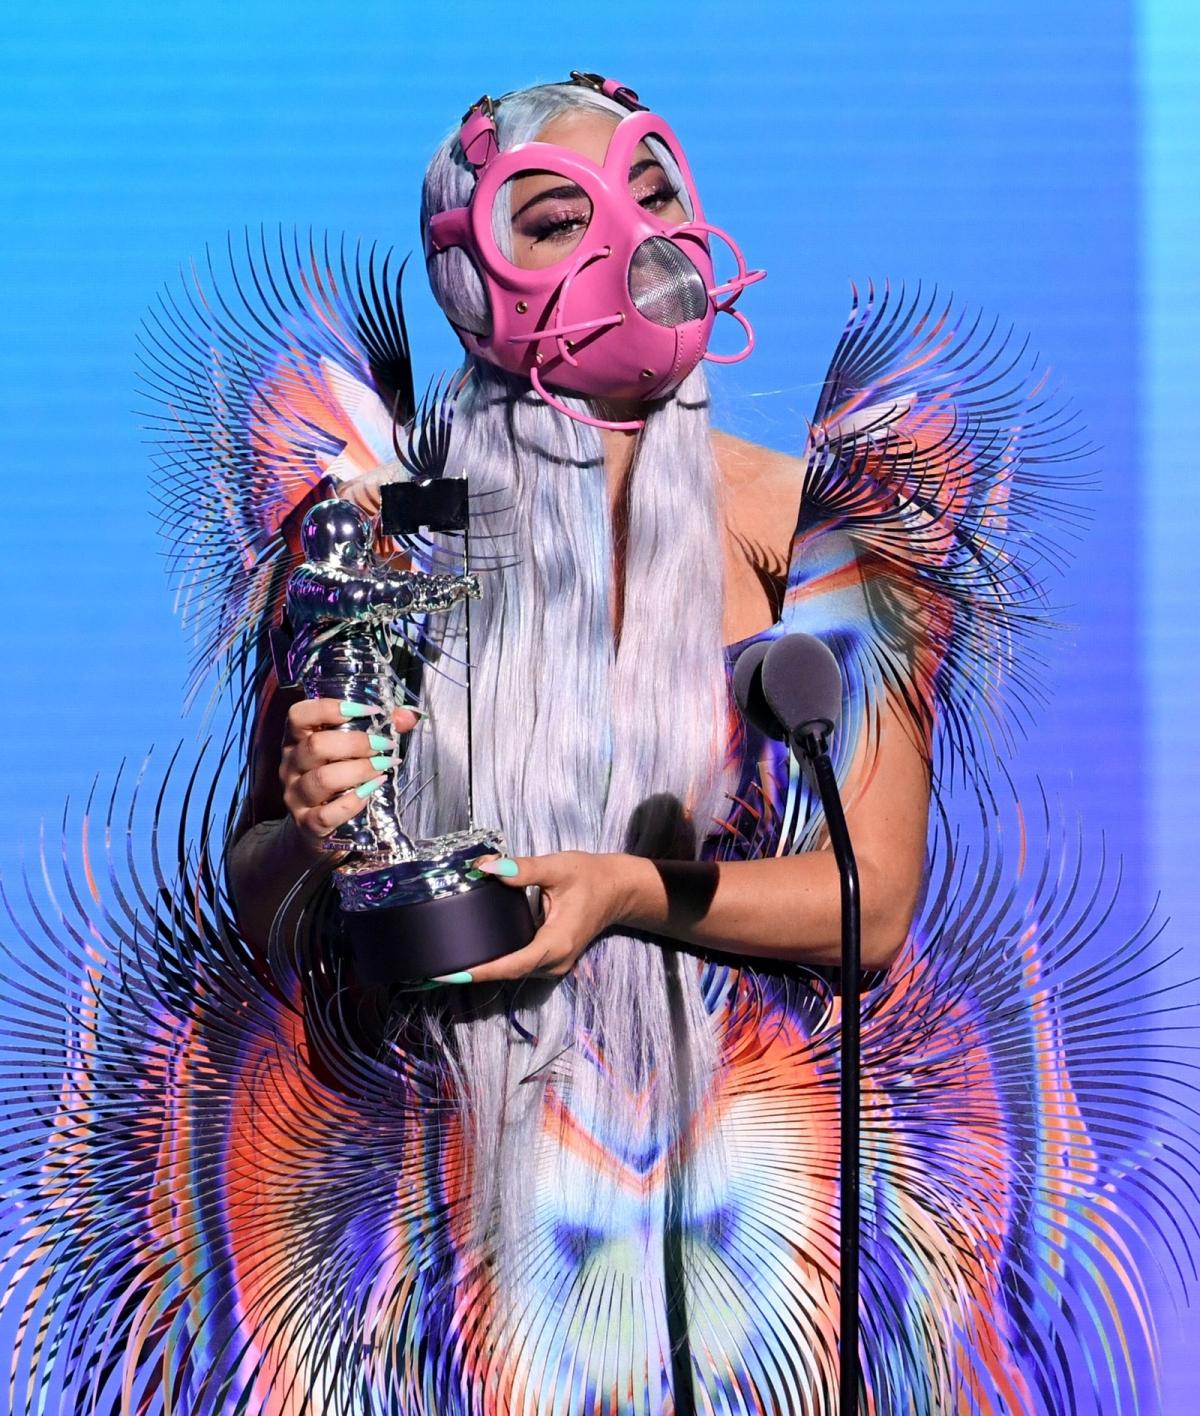 Lady Gaga xuất hiện với bộ cánh và phụ kiện nổi bật trong lễ trao giải MTV.